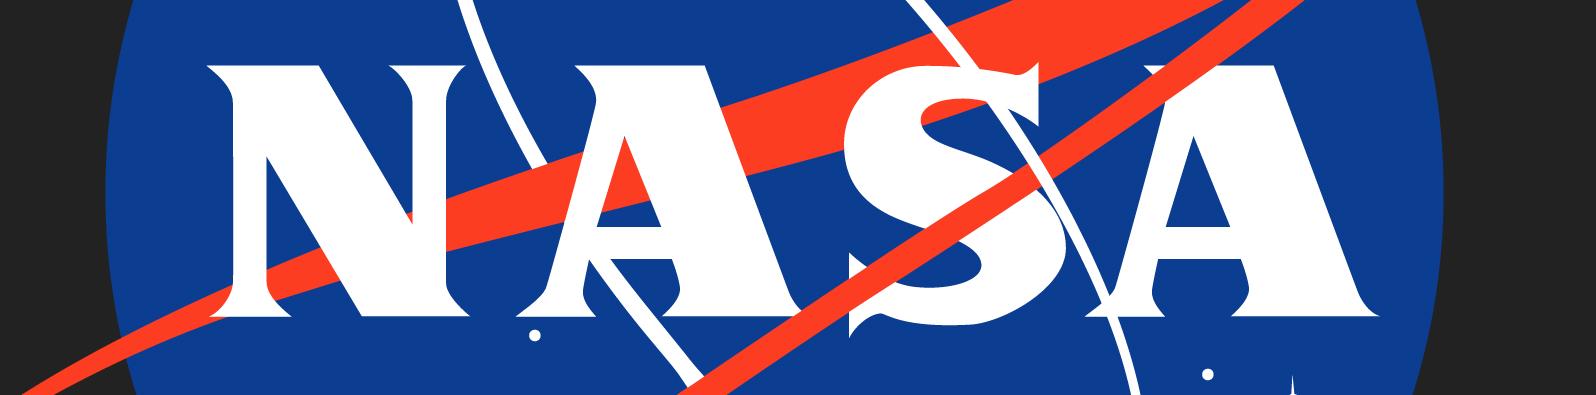 NASA Kahkahanızı Uzaya Kazıyor